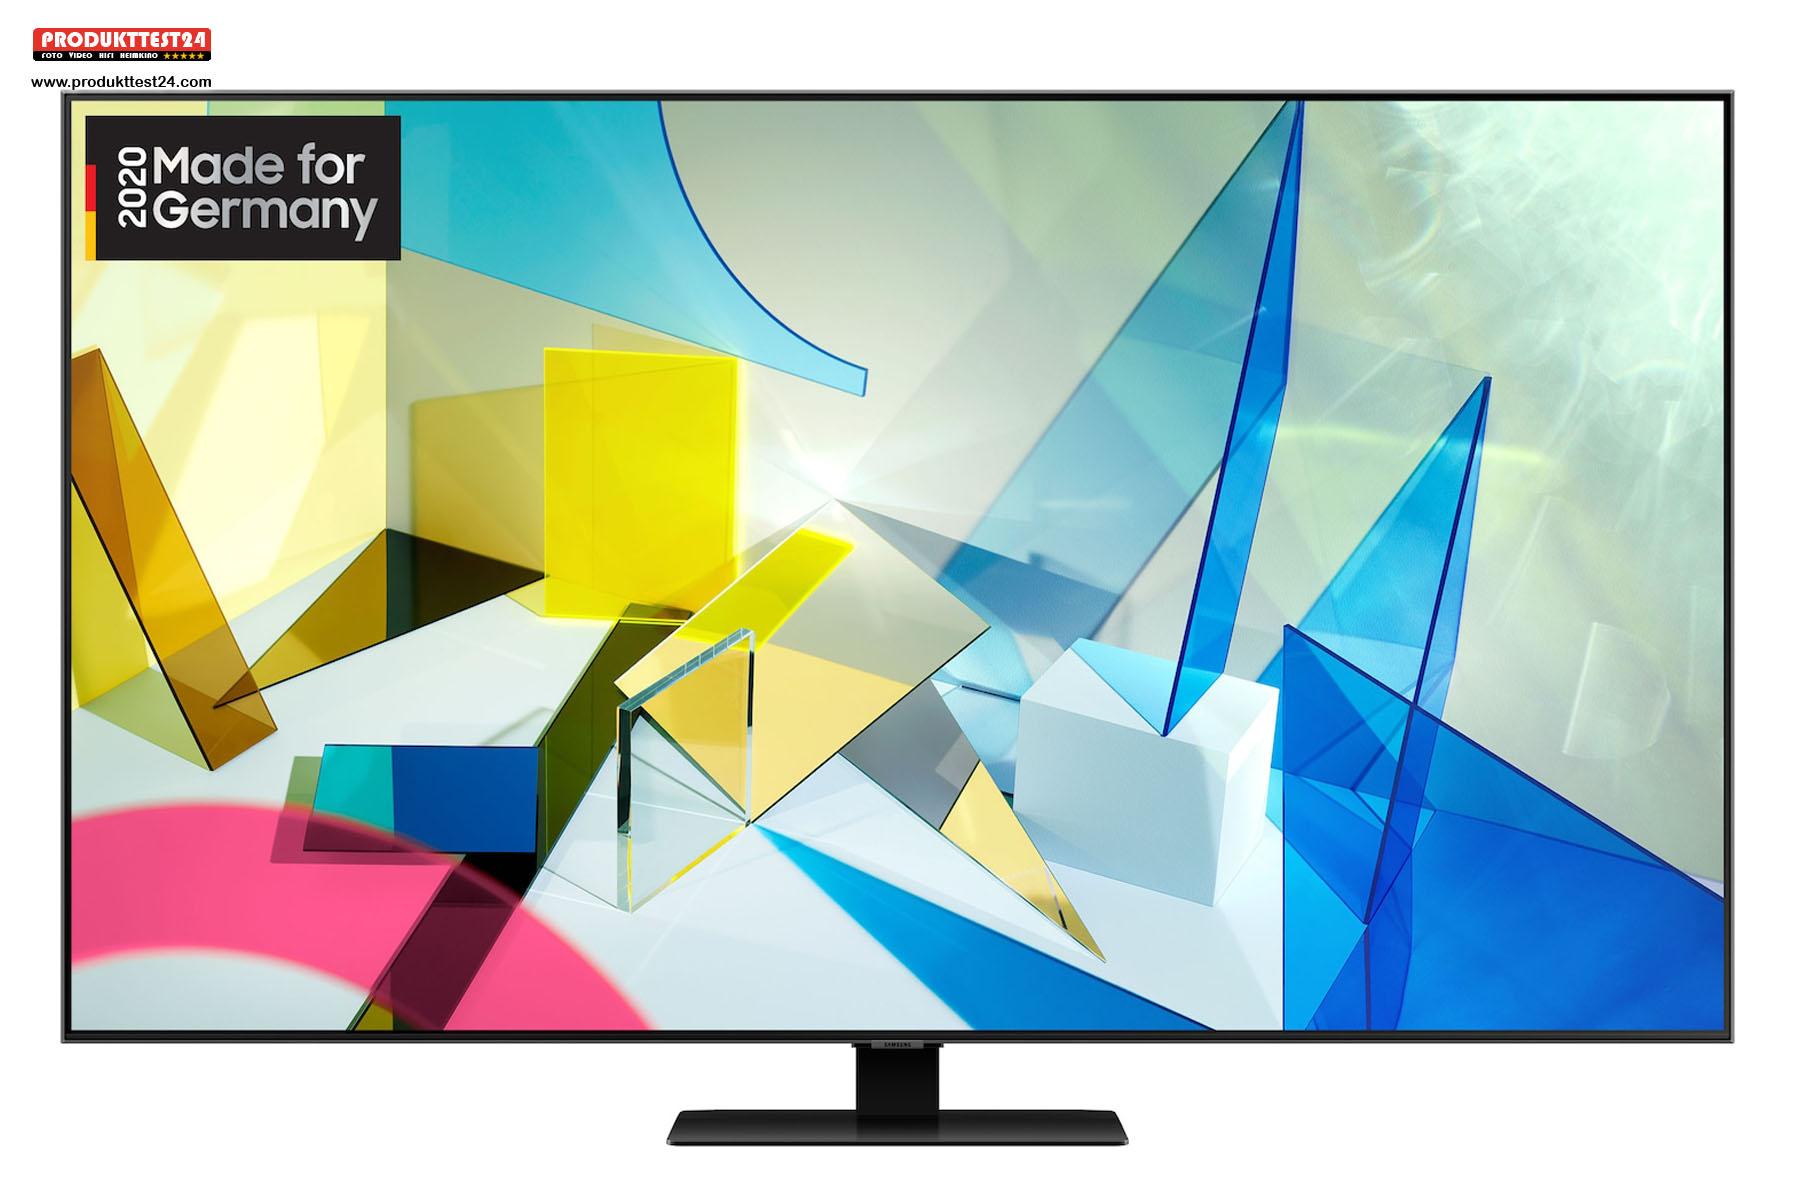 Der 85 Zoll große Samsung GQ85Q80T UHD 4K Fernseher